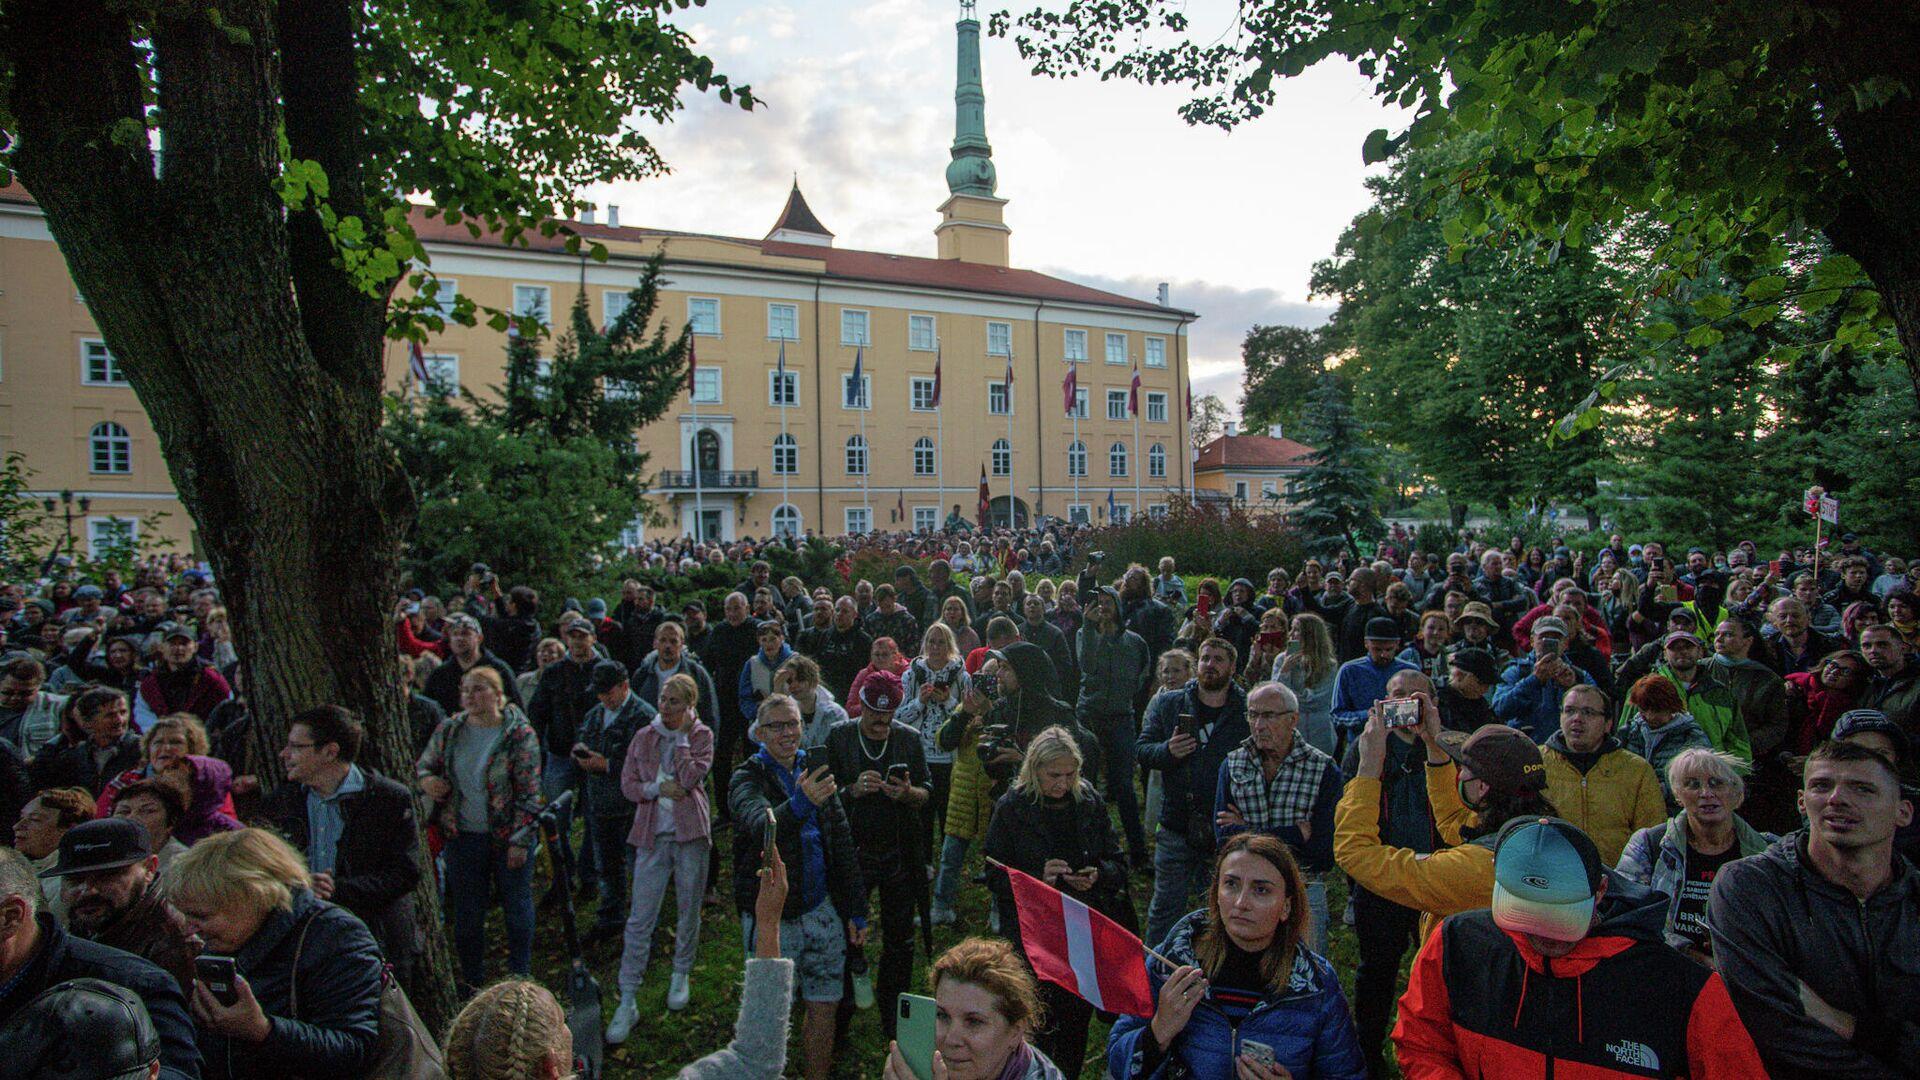 Люди собрались у Рижского замка протестовать против обязательной вакцинации - Sputnik Латвия, 1920, 01.09.2021